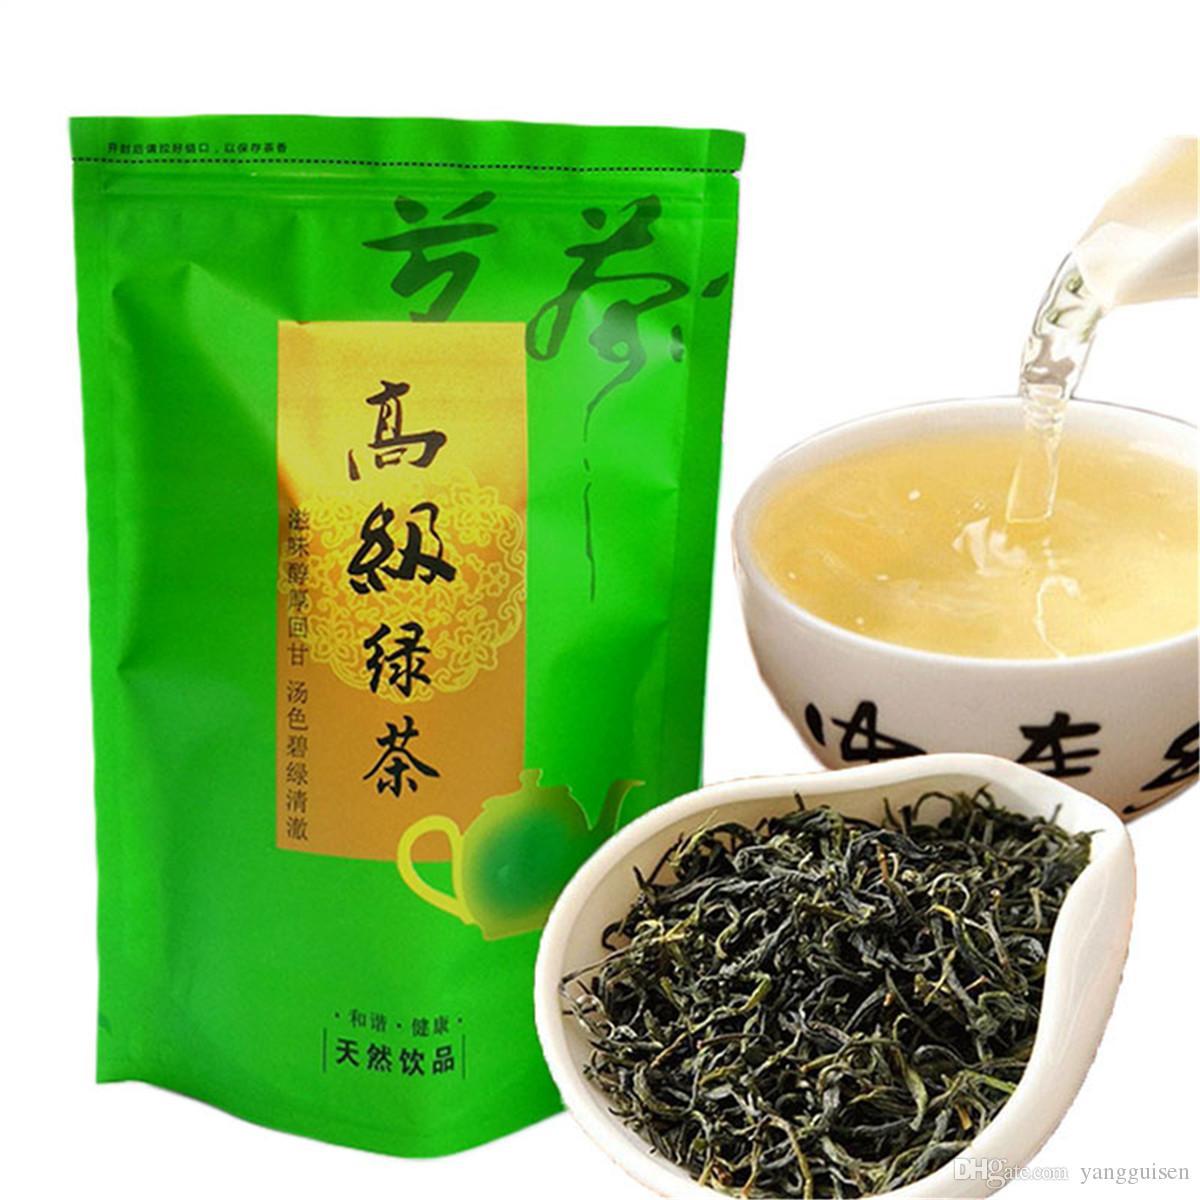 Primavera 250g precoce orgânico chá verde China Huangshan Maofeng chá fresco do amarelo Promoção Peak Fur Montanha chá verde chinês